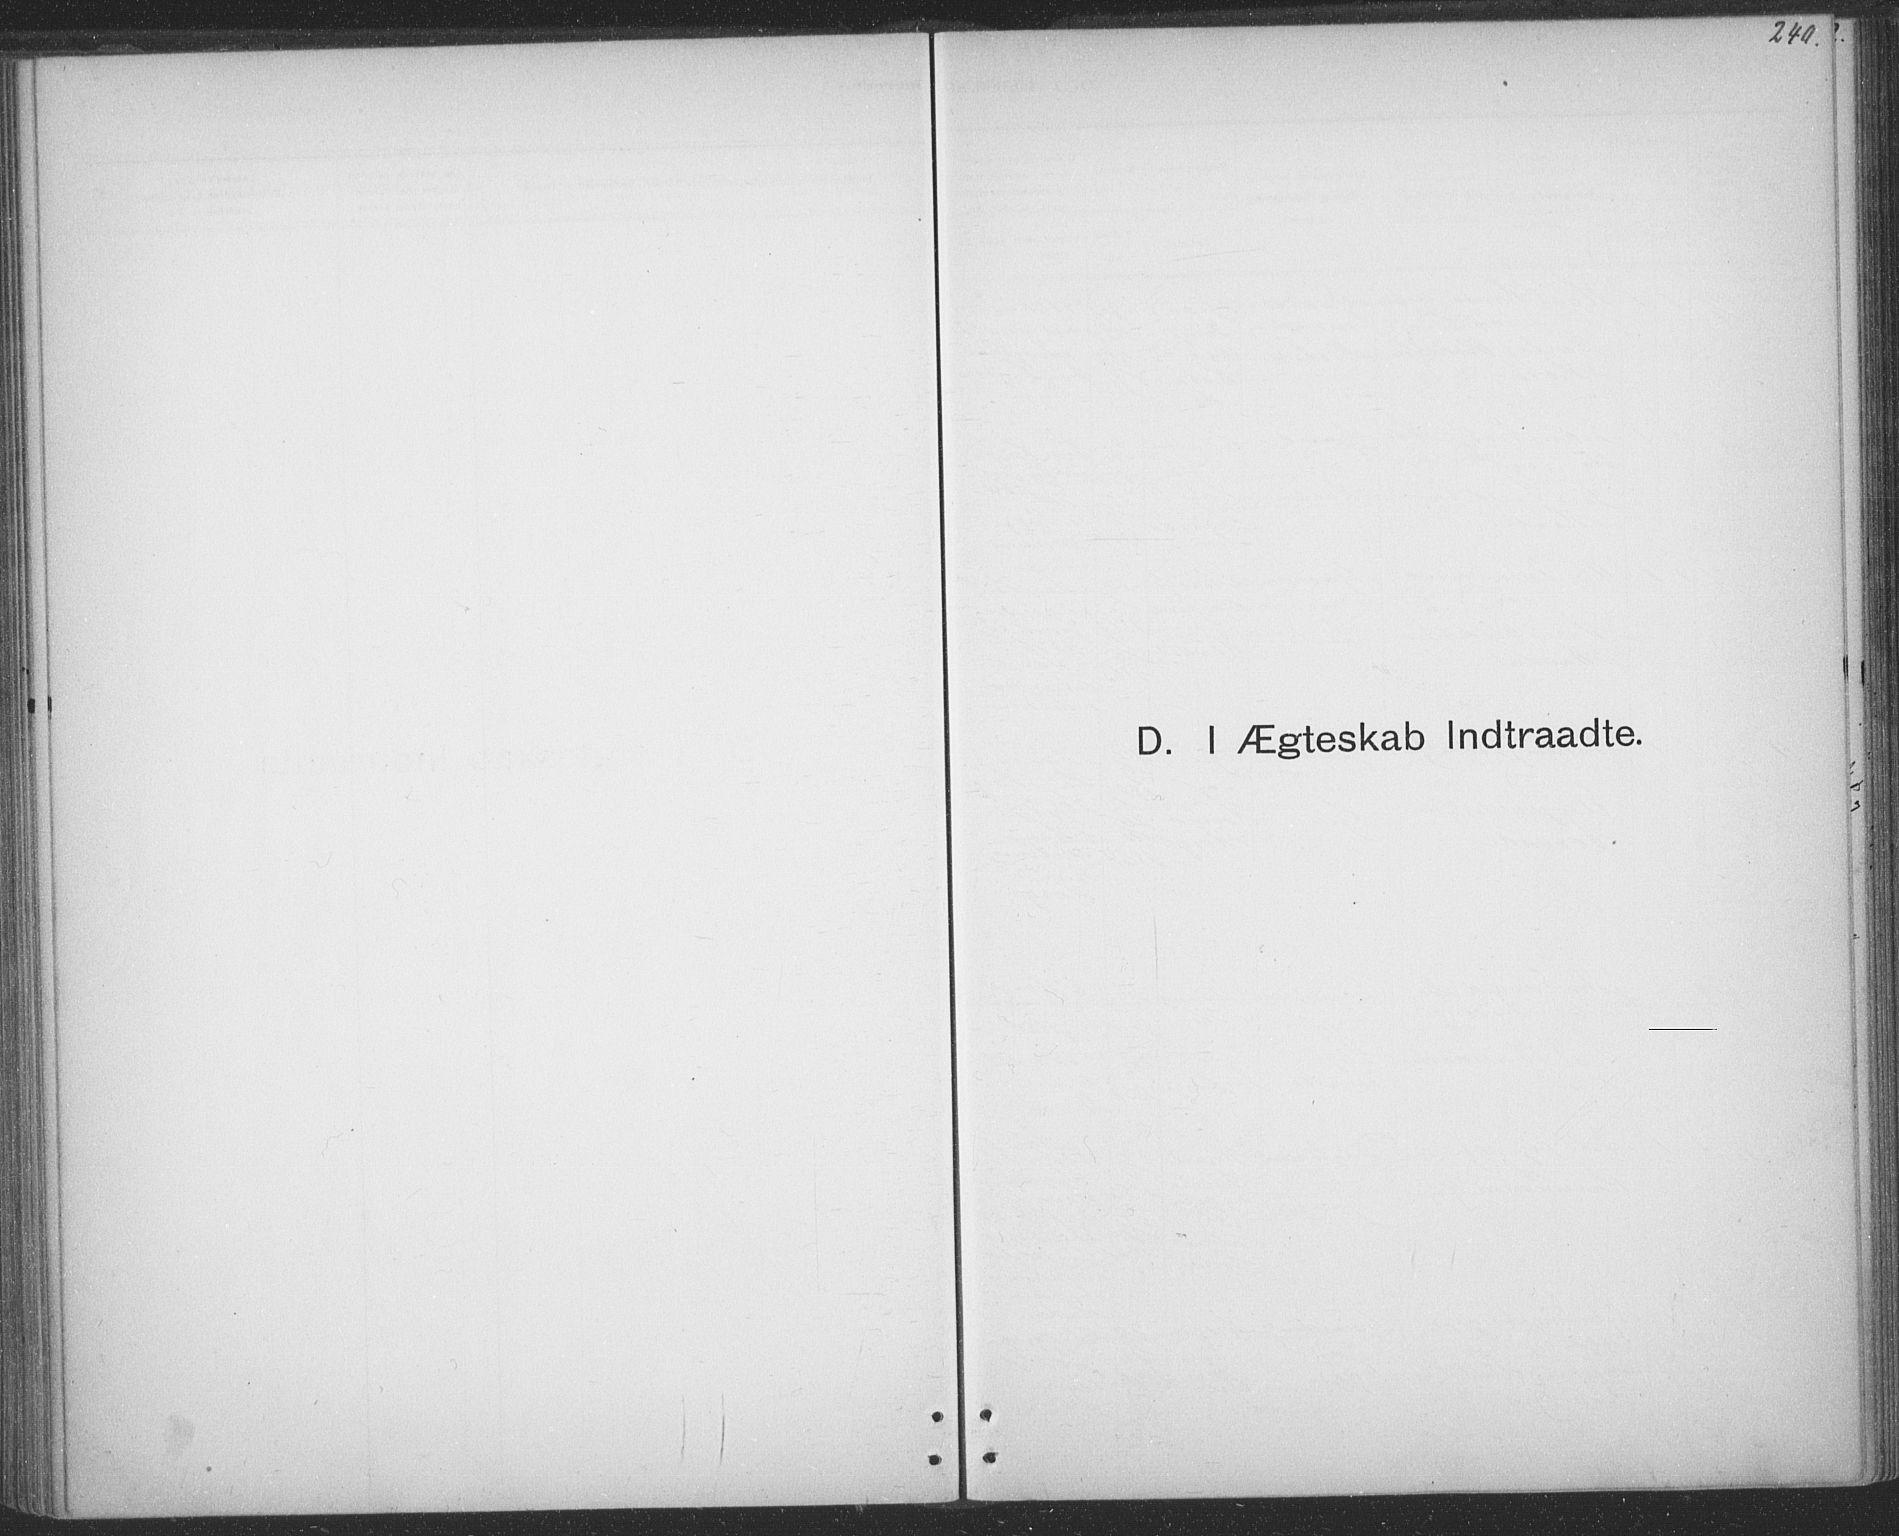 SAT, Ministerialprotokoller, klokkerbøker og fødselsregistre - Sør-Trøndelag, 691/L1085: Ministerialbok nr. 691A17, 1887-1908, s. 240